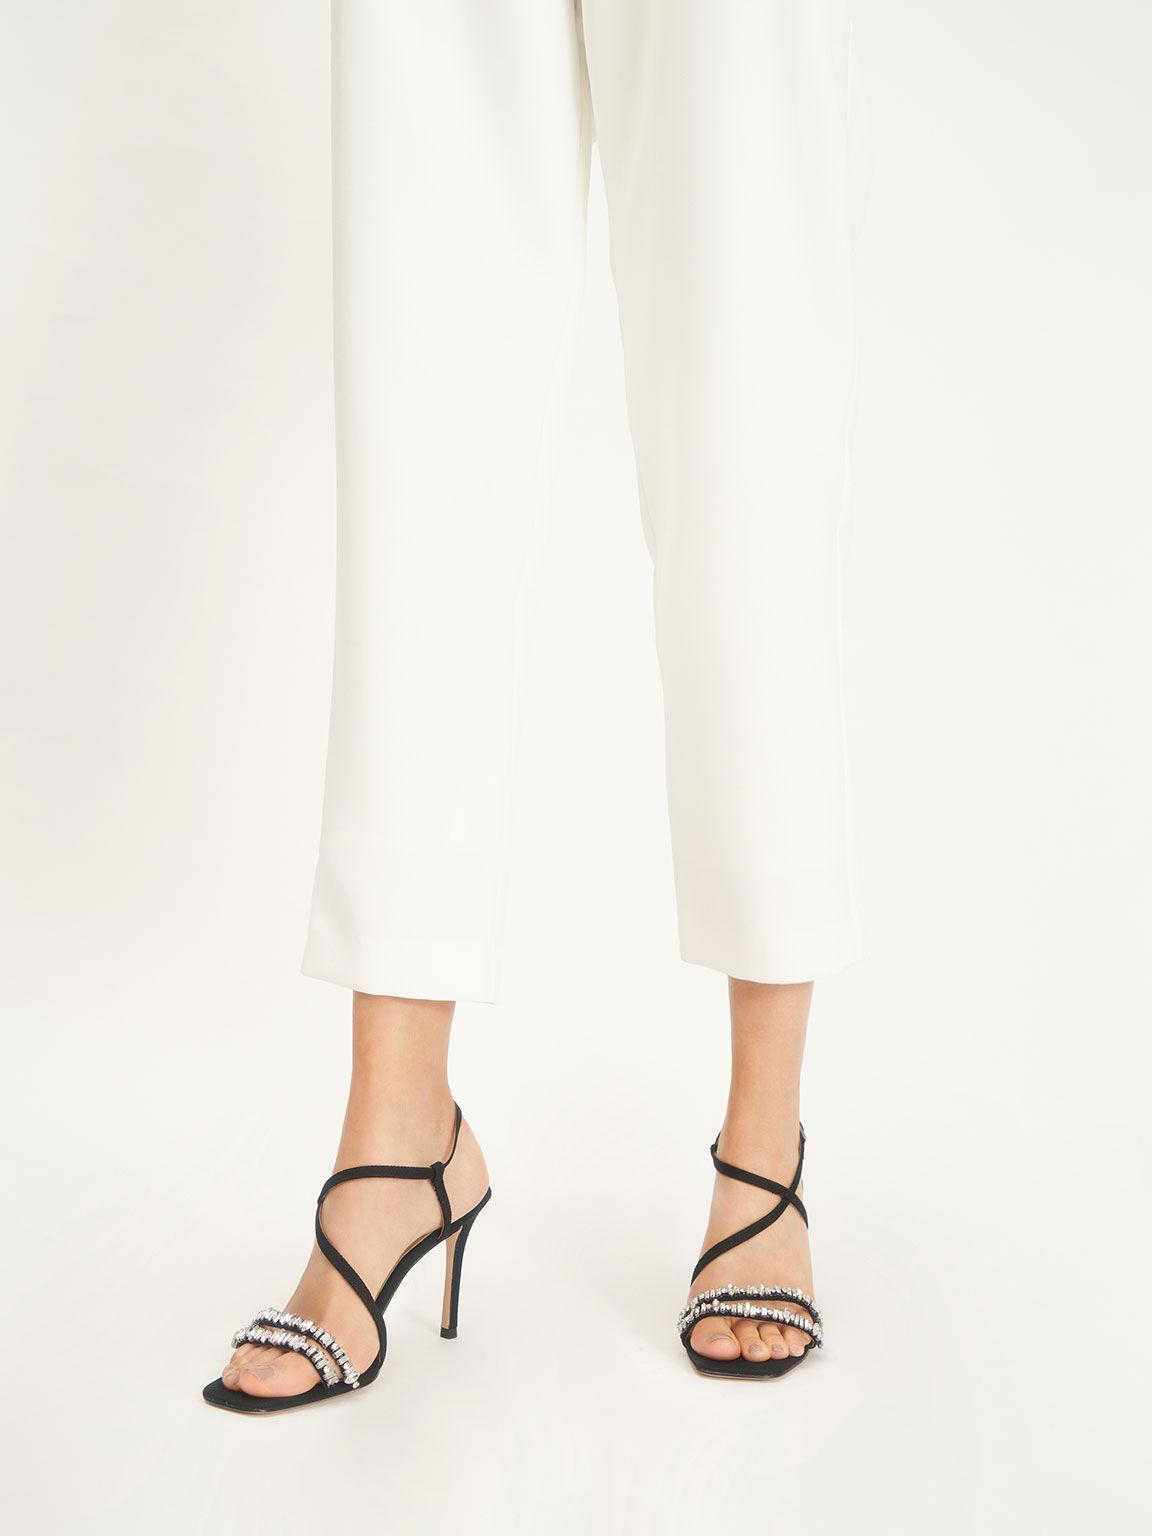 Canvas Gem-Embellished Sandals, Black, hi-res